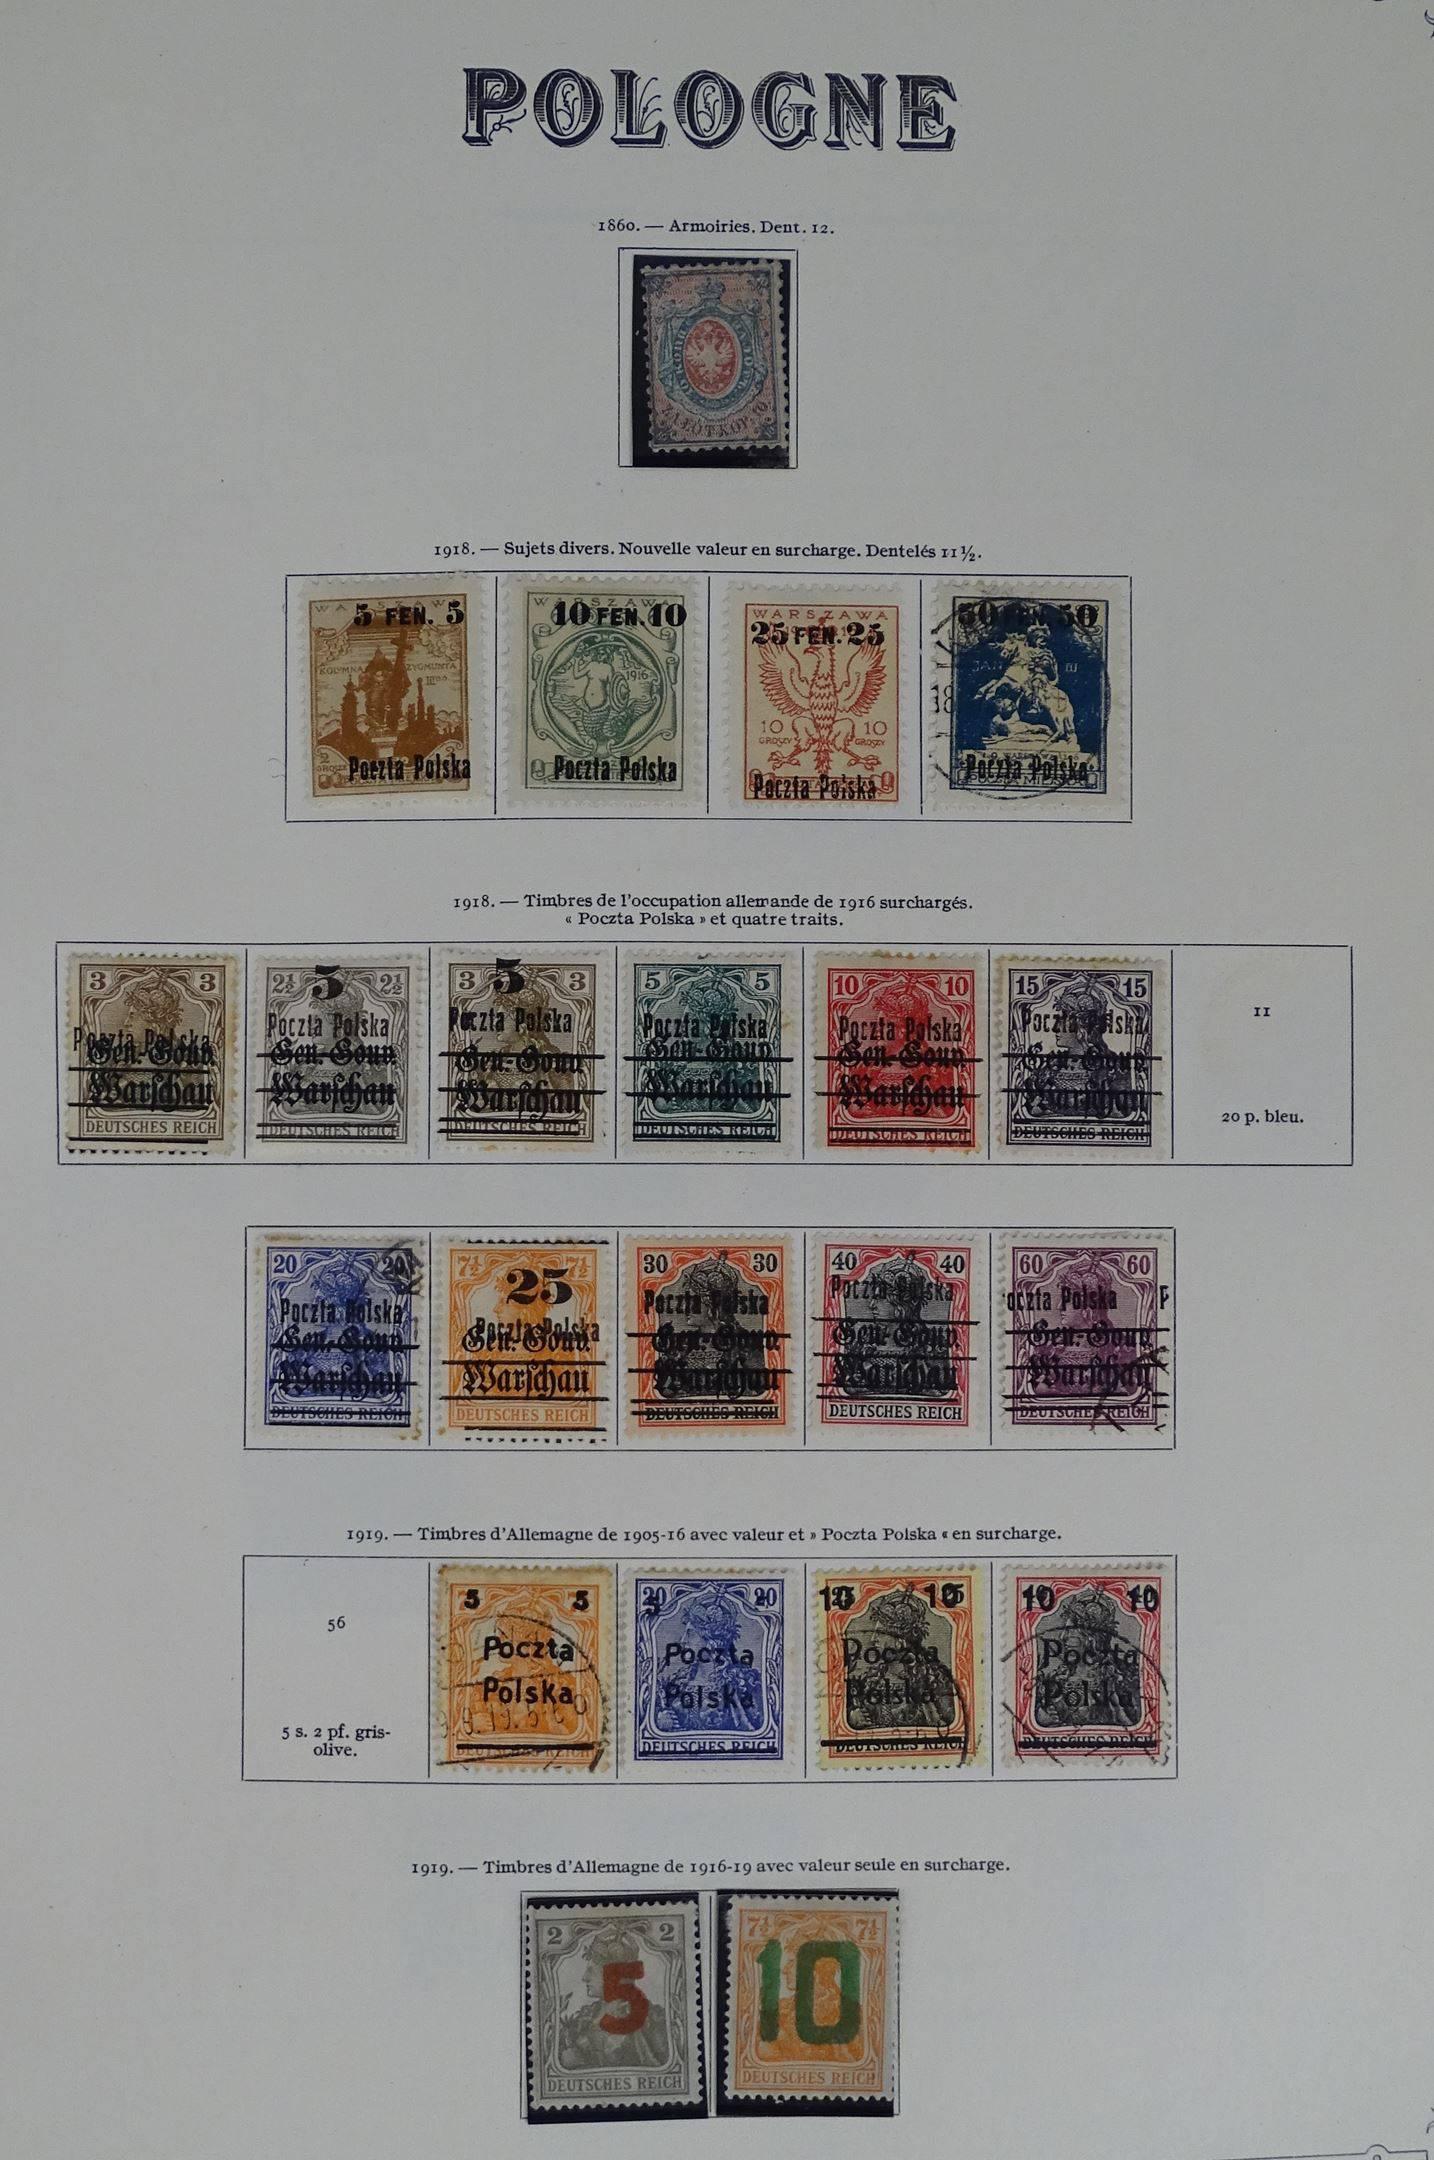 Pologne 2017-2024 Timbres pour Les collectionneurs compl/ète Edition 1970 Miniatures Peinture